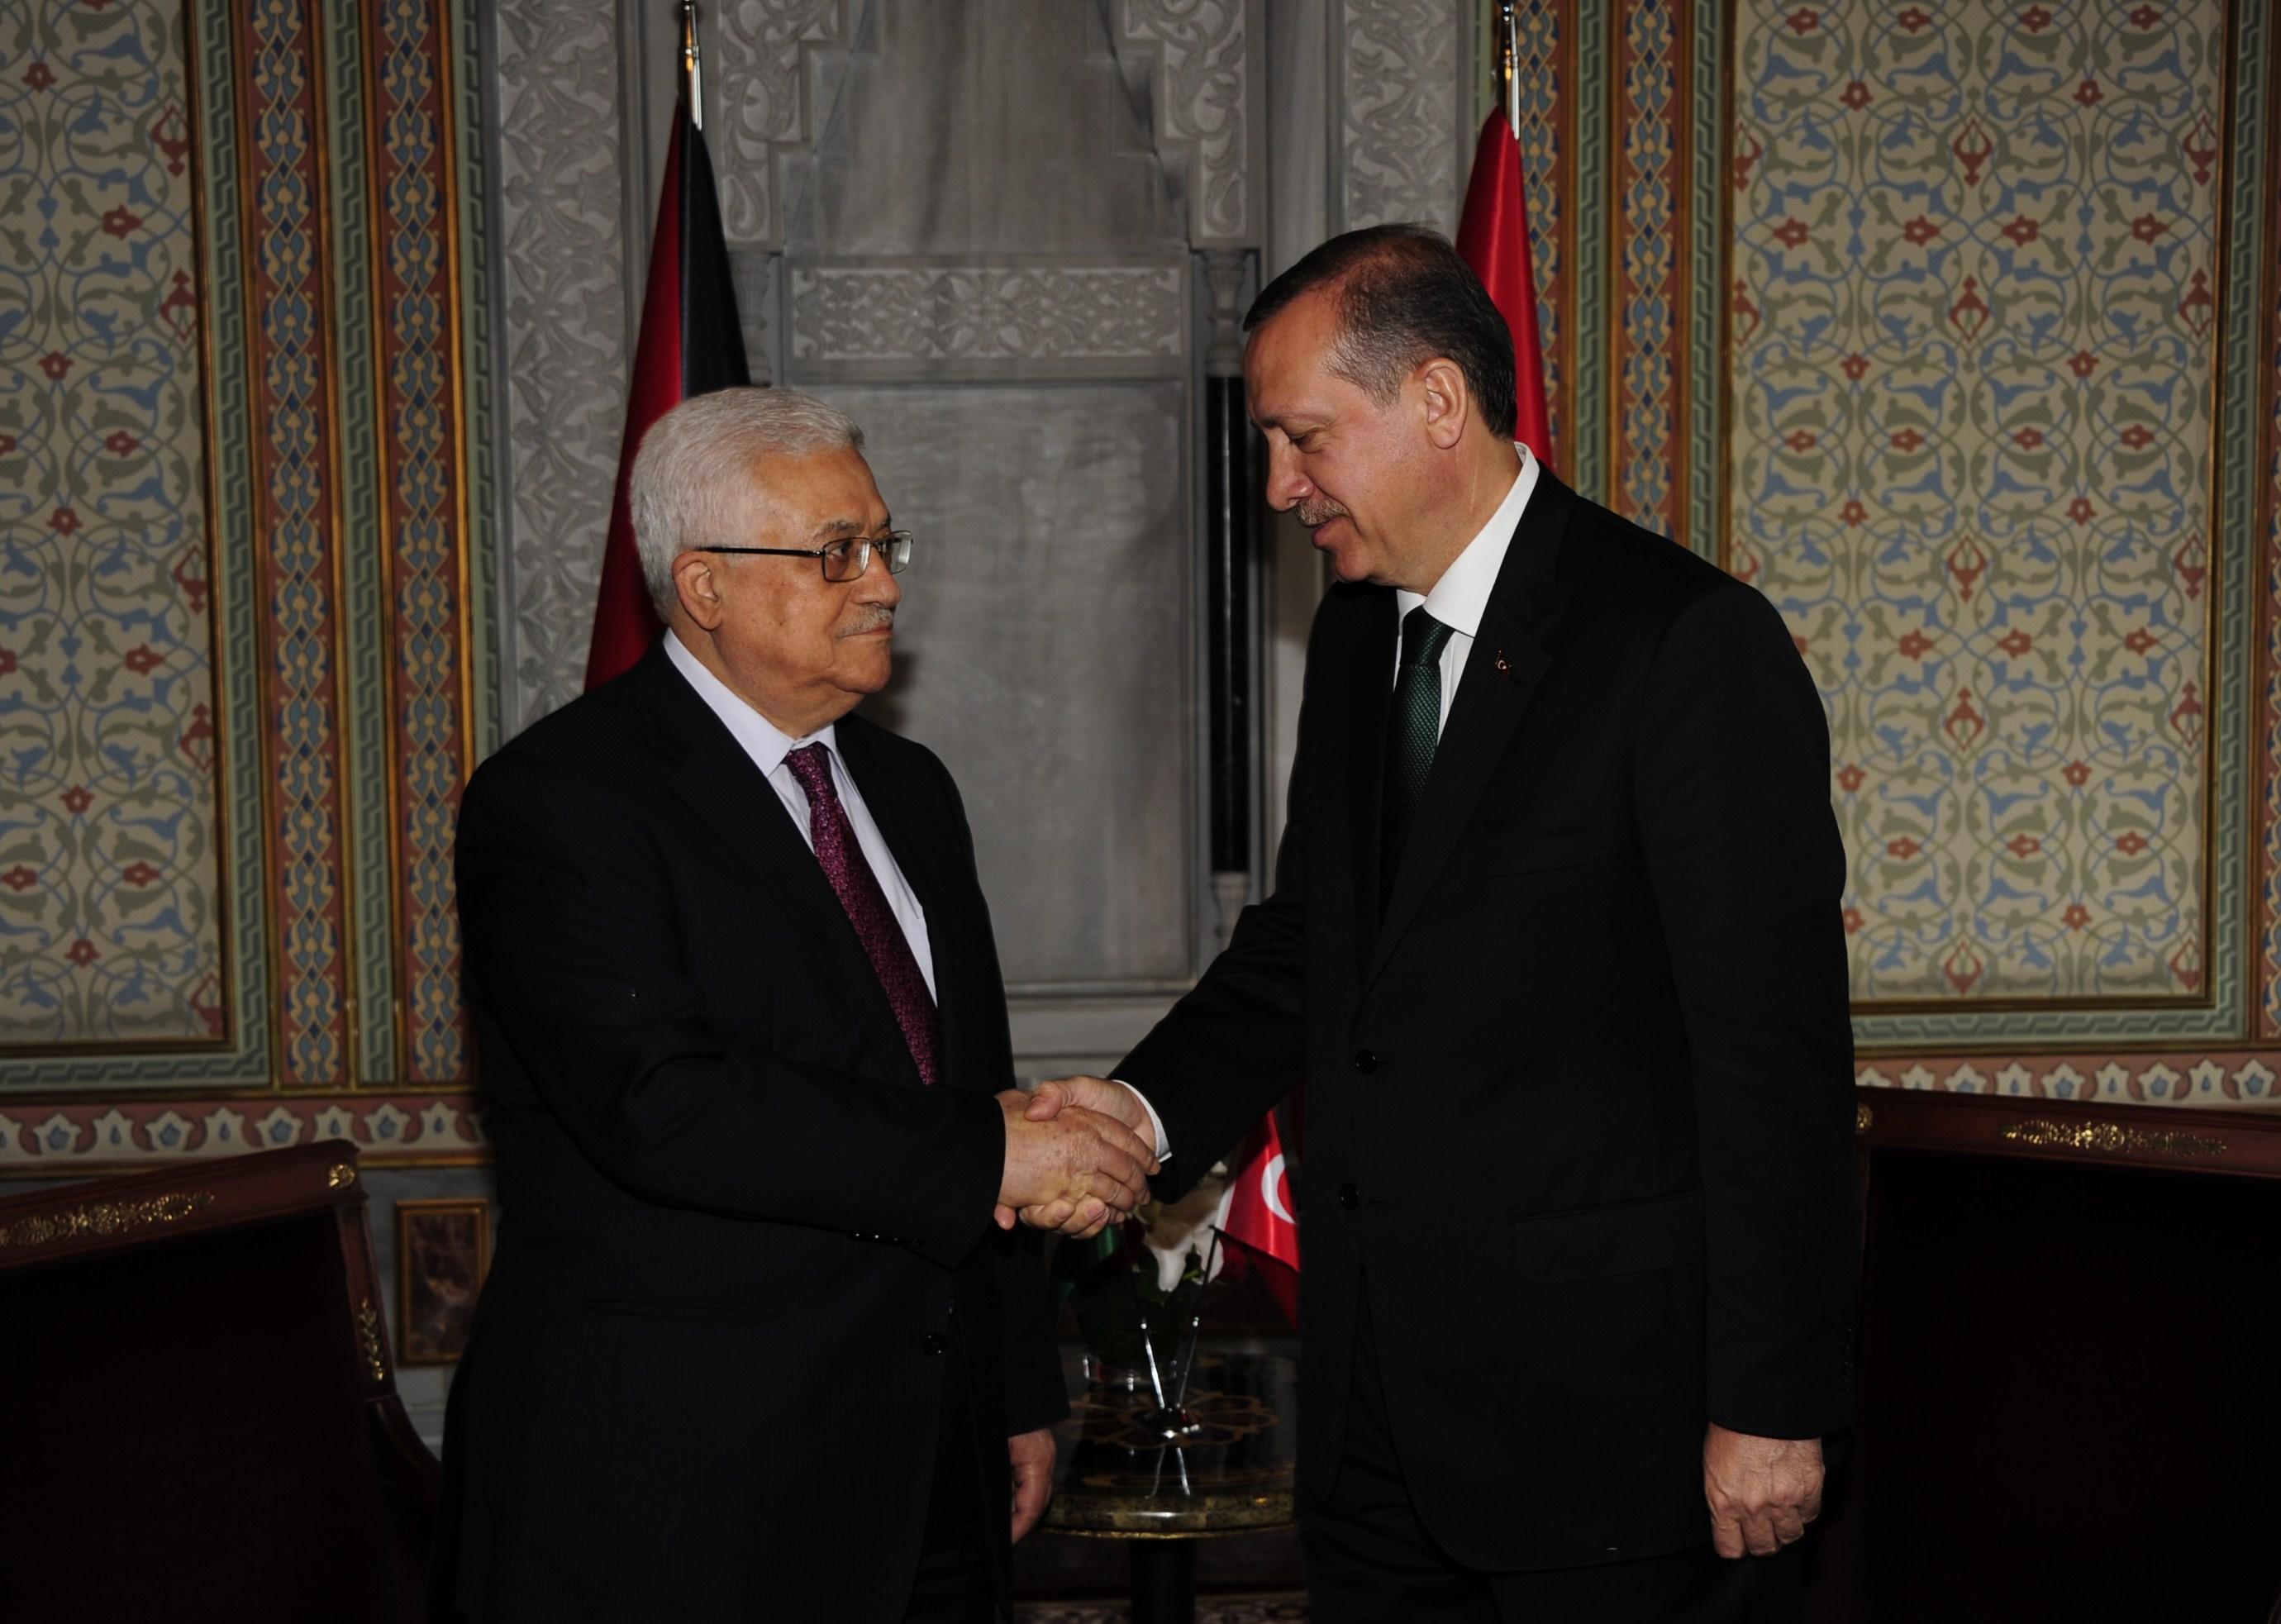 الرئيس أبو مازن ورجب طيب أردوغان